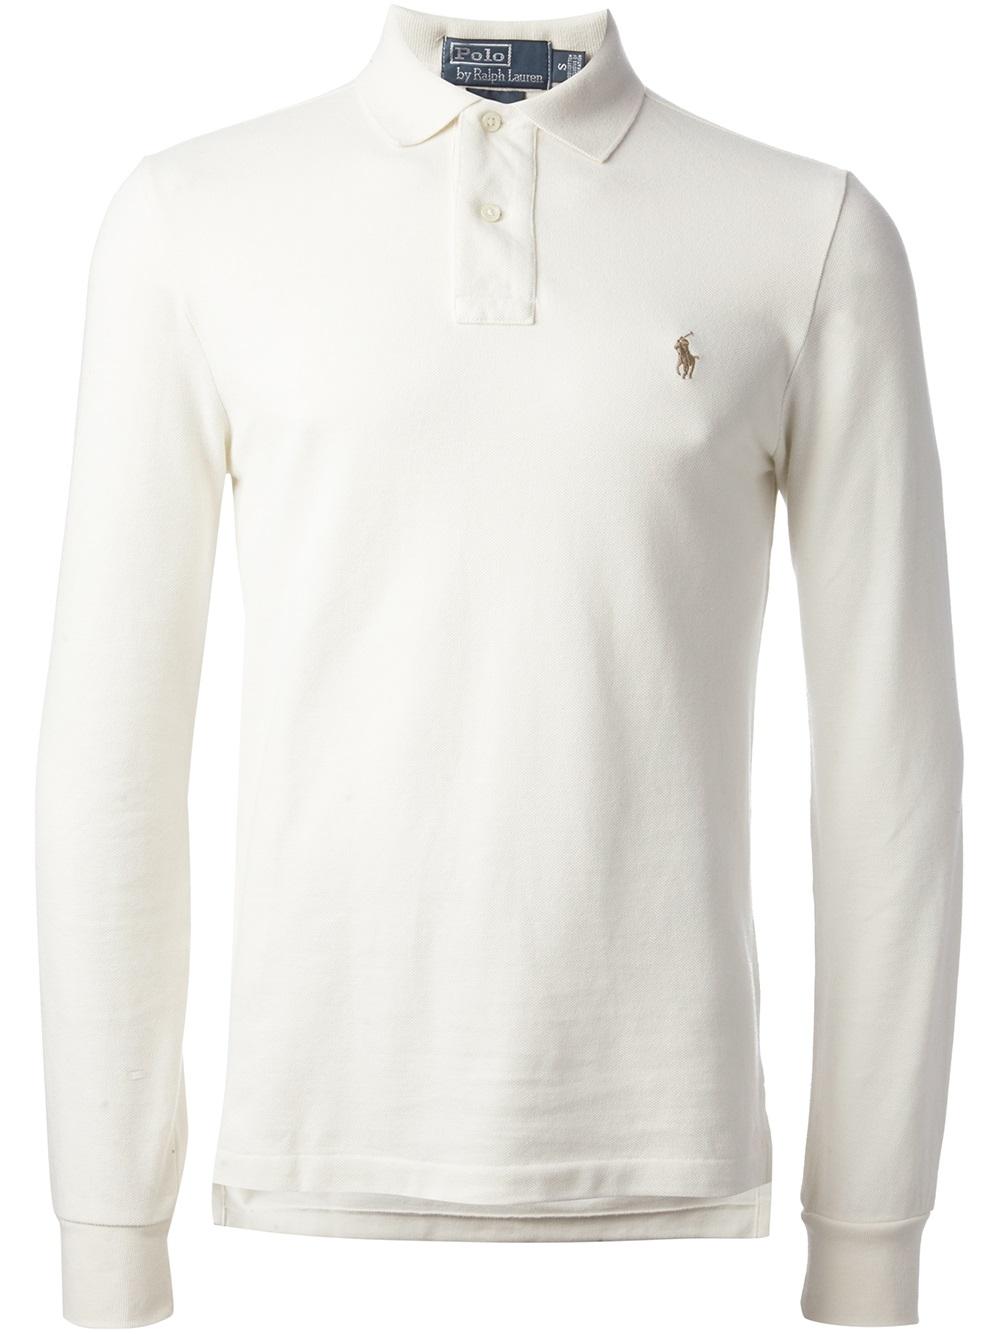 Lyst Polo Ralph Lauren Long Sleeve Polo Shirt In White For Men